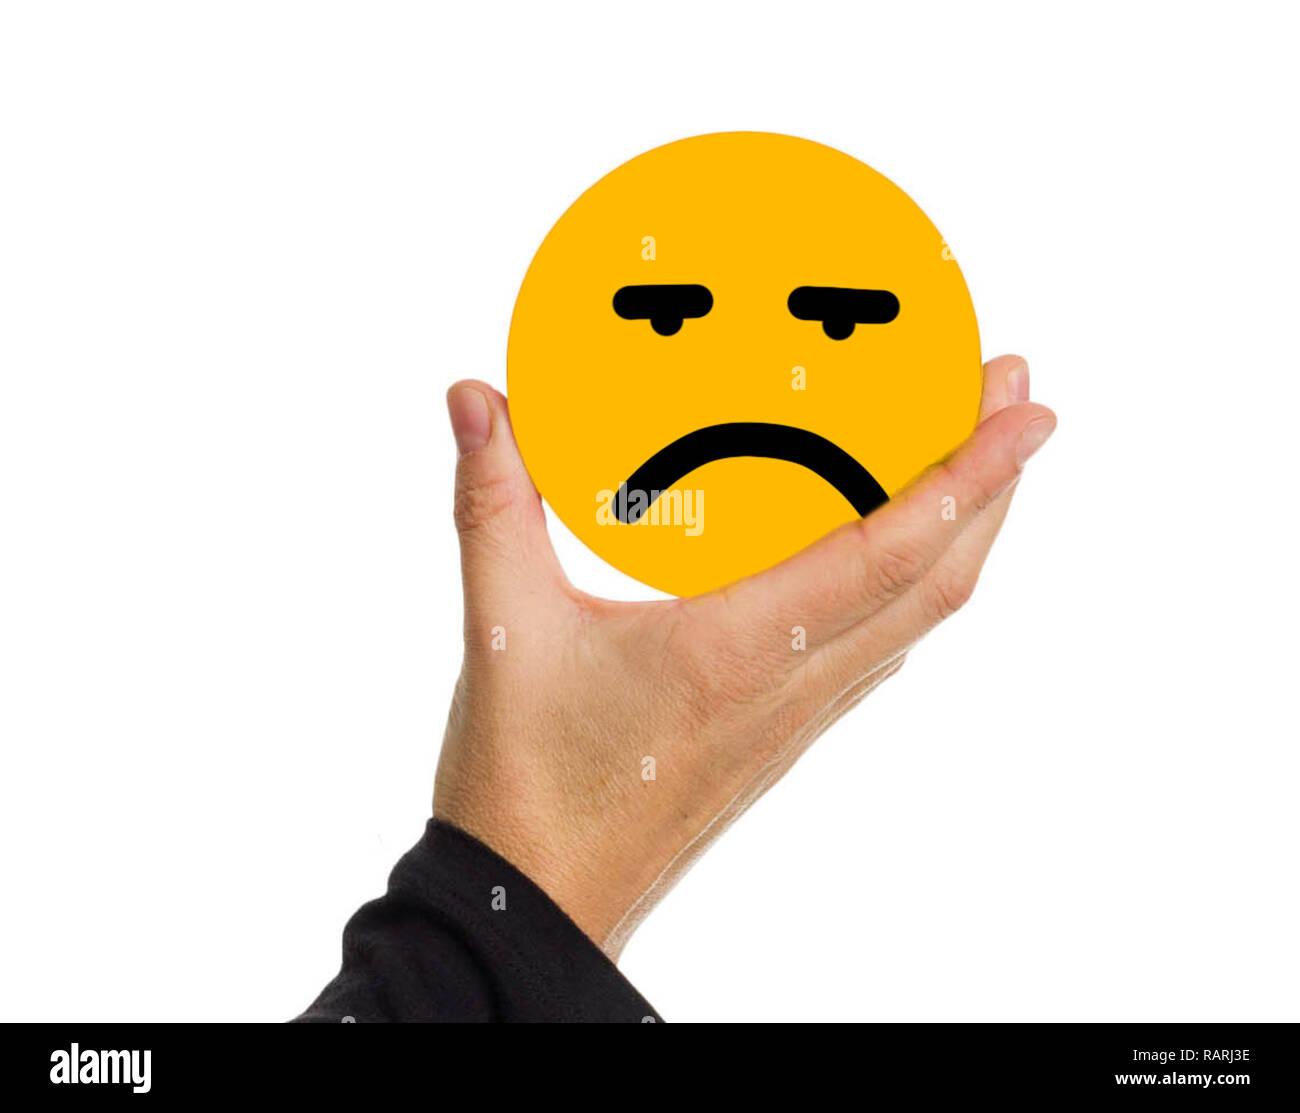 Sad Smiley Ball Stock Photos & Sad Smiley Ball Stock Images